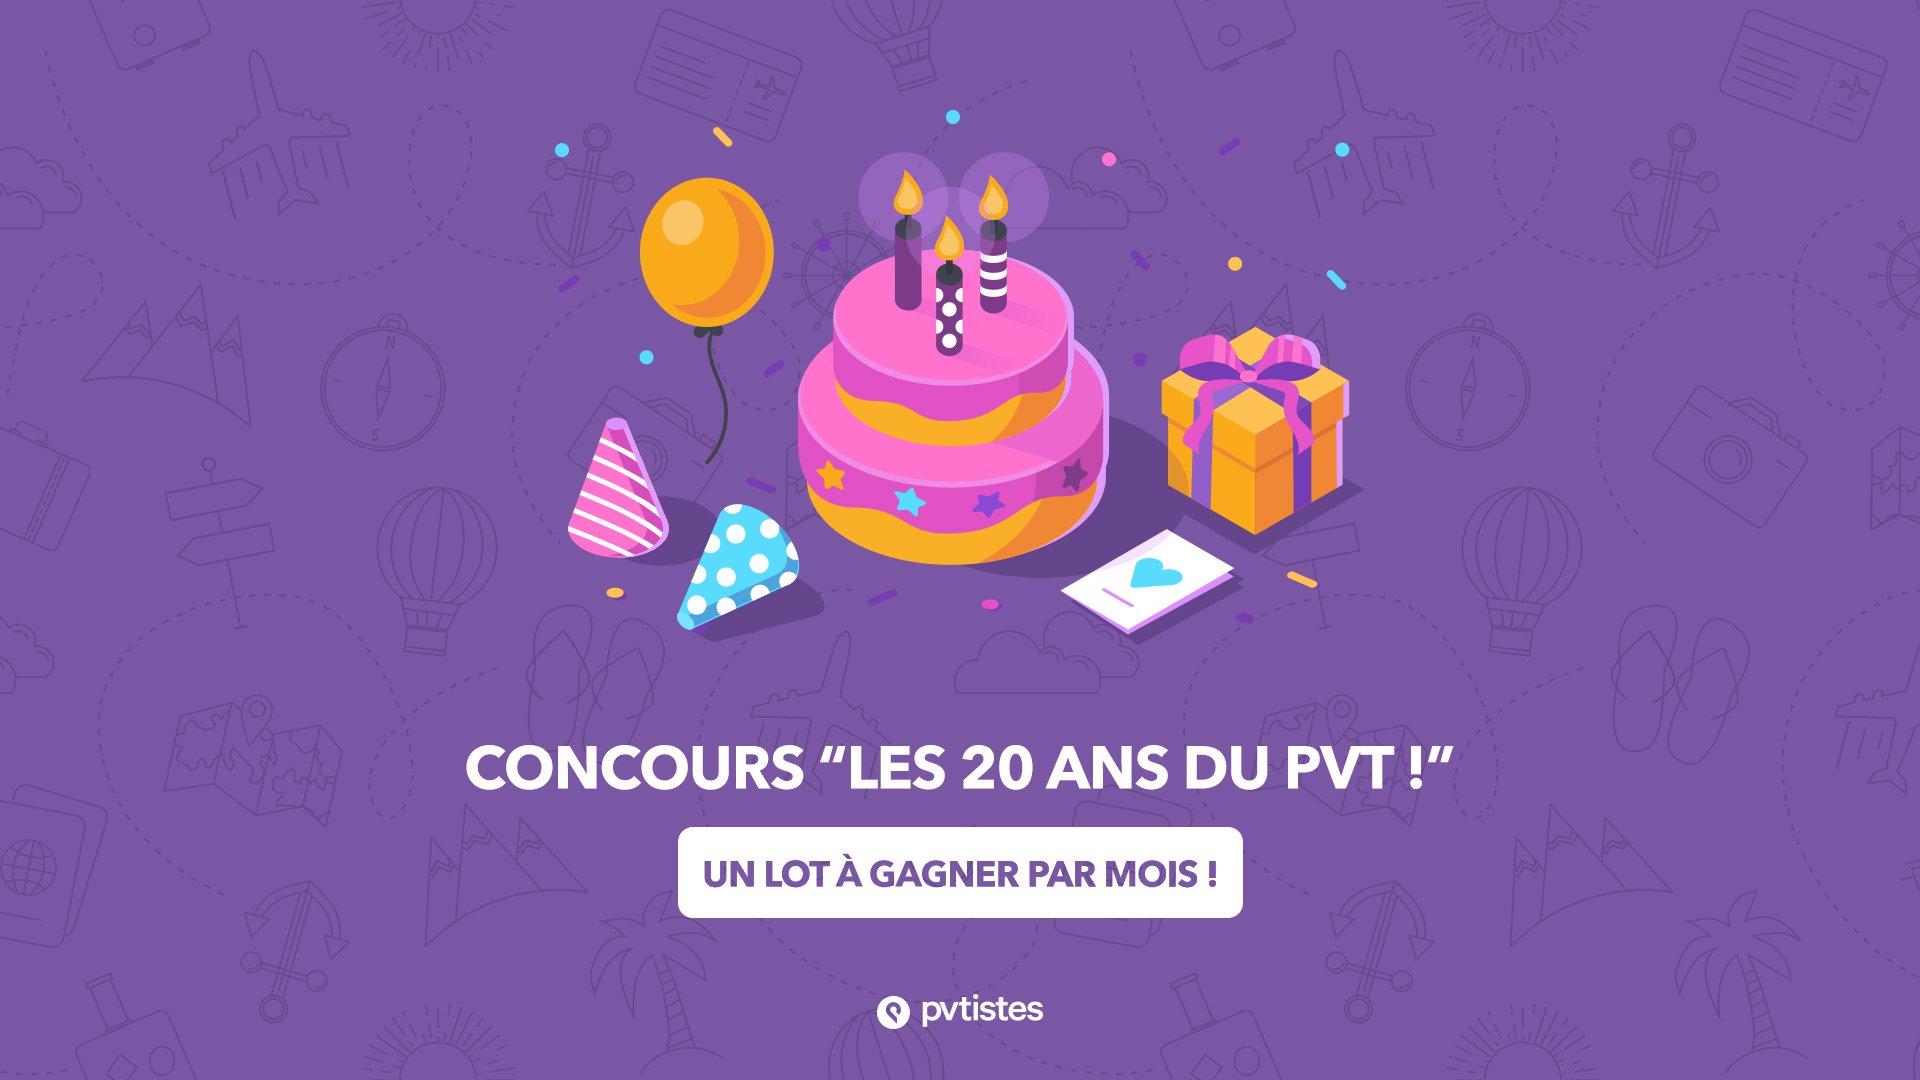 rs-pvtistes-cadeaux-les-20-ans-du-pvt